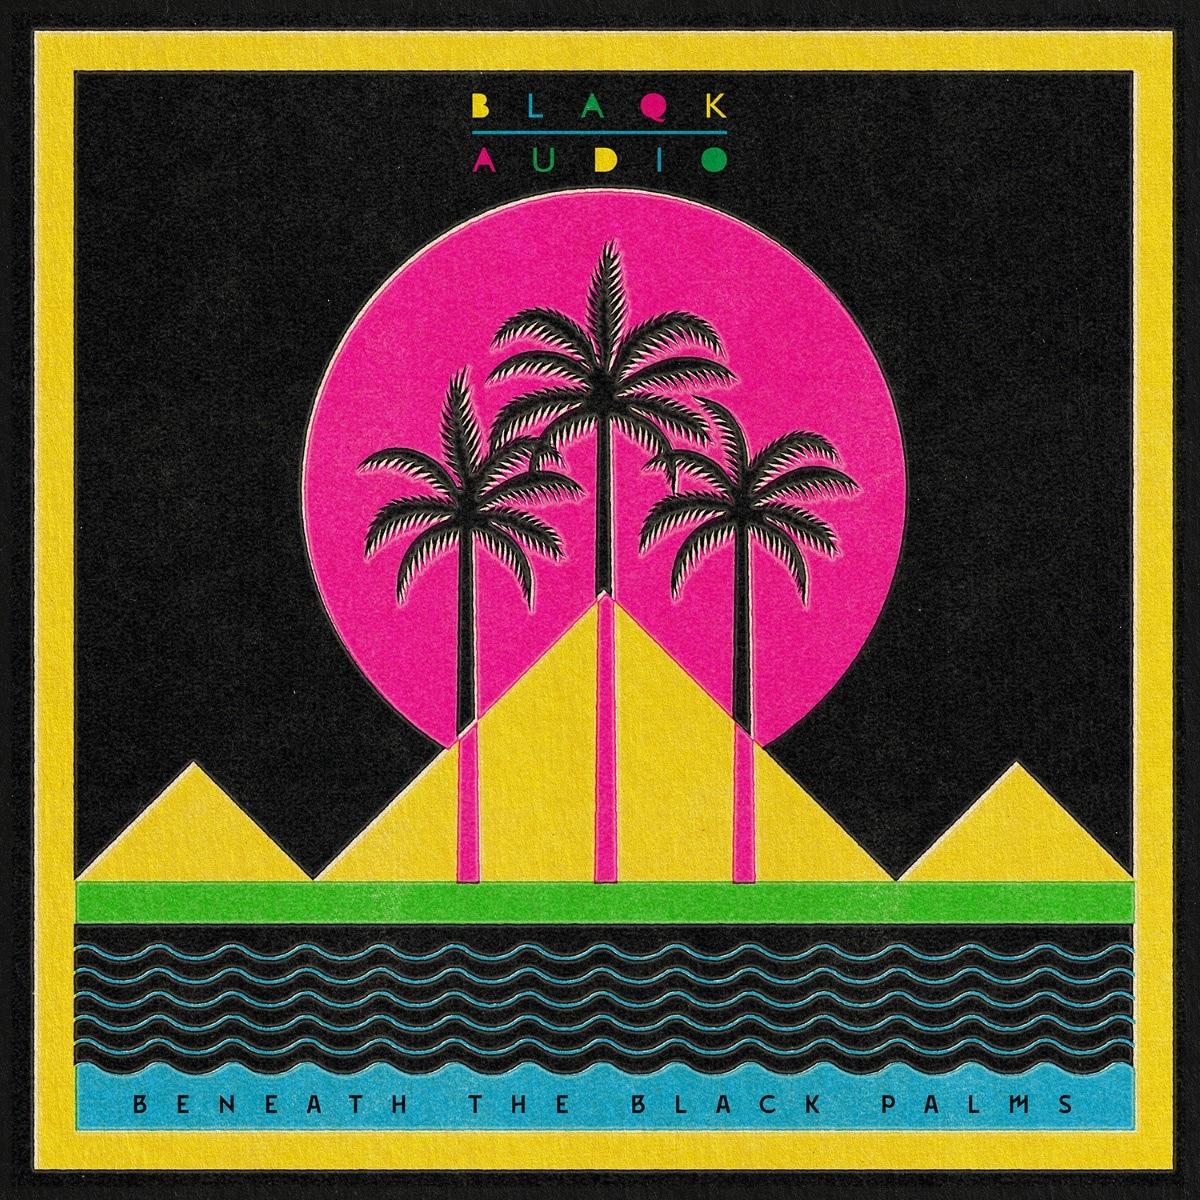 Blaqk Audio Beneath the Black Palms full album cover